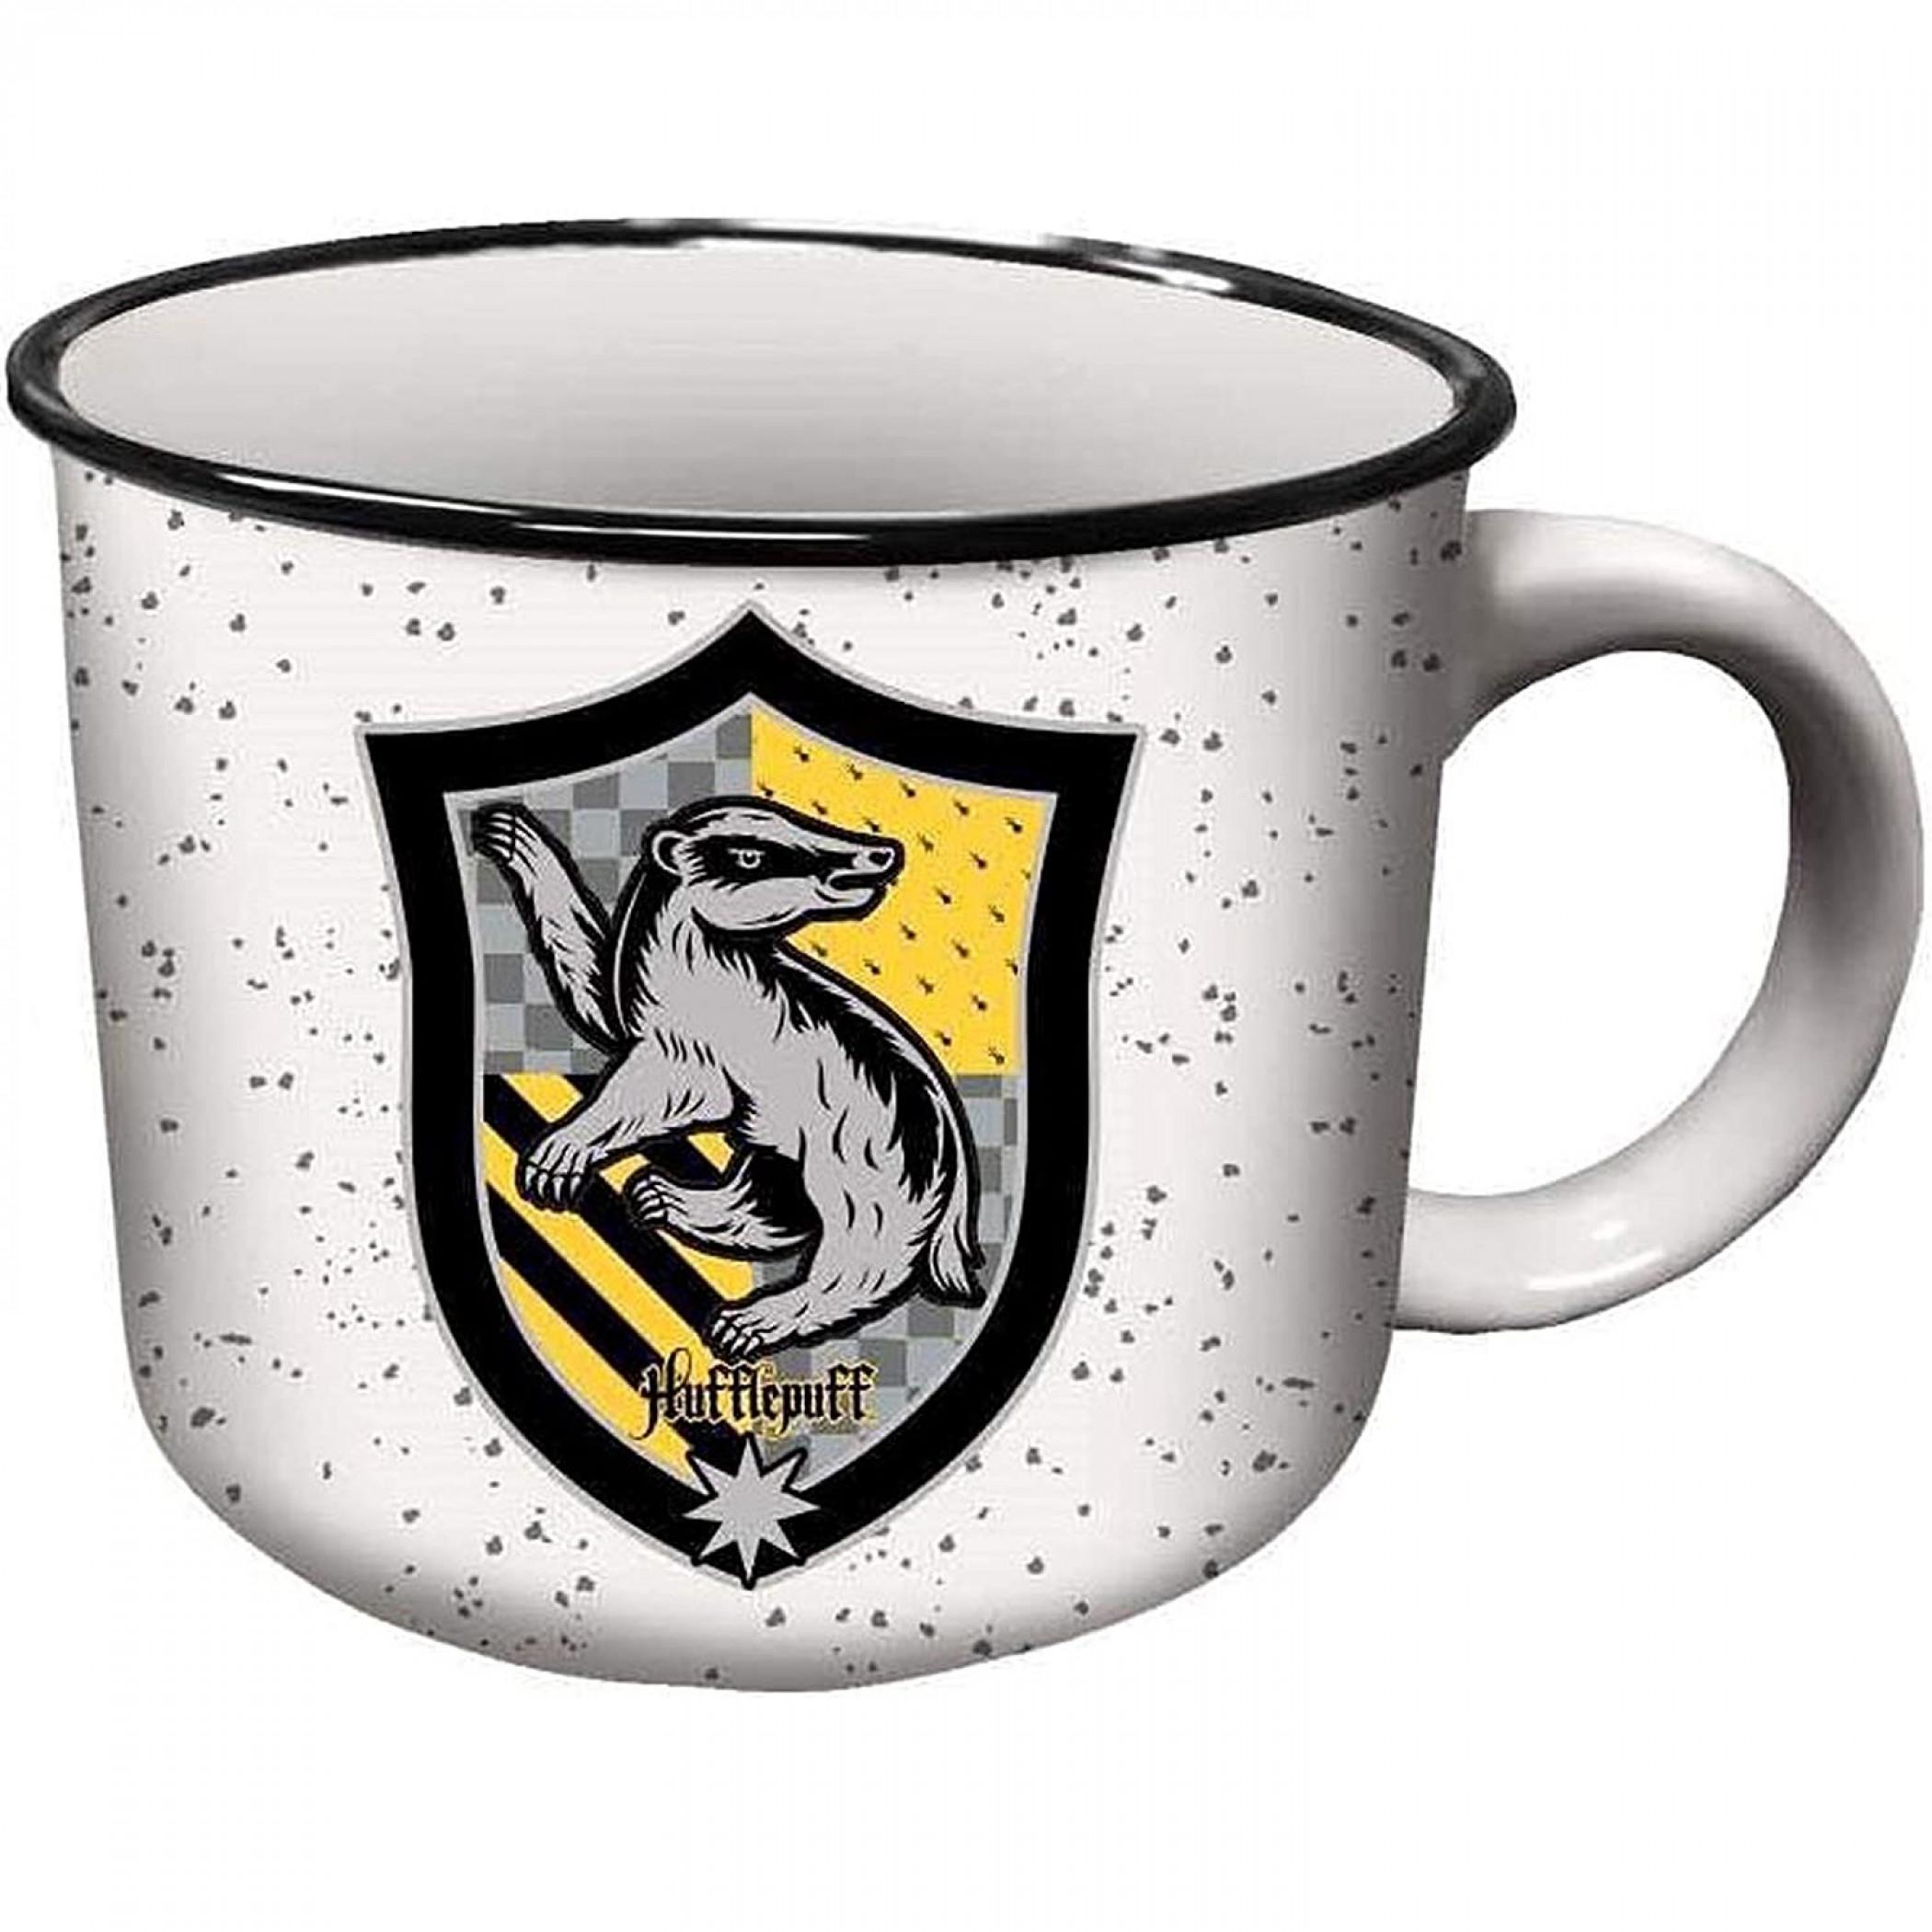 Harry Potter Hufflepuff House Crest Ceramic Camper Mug